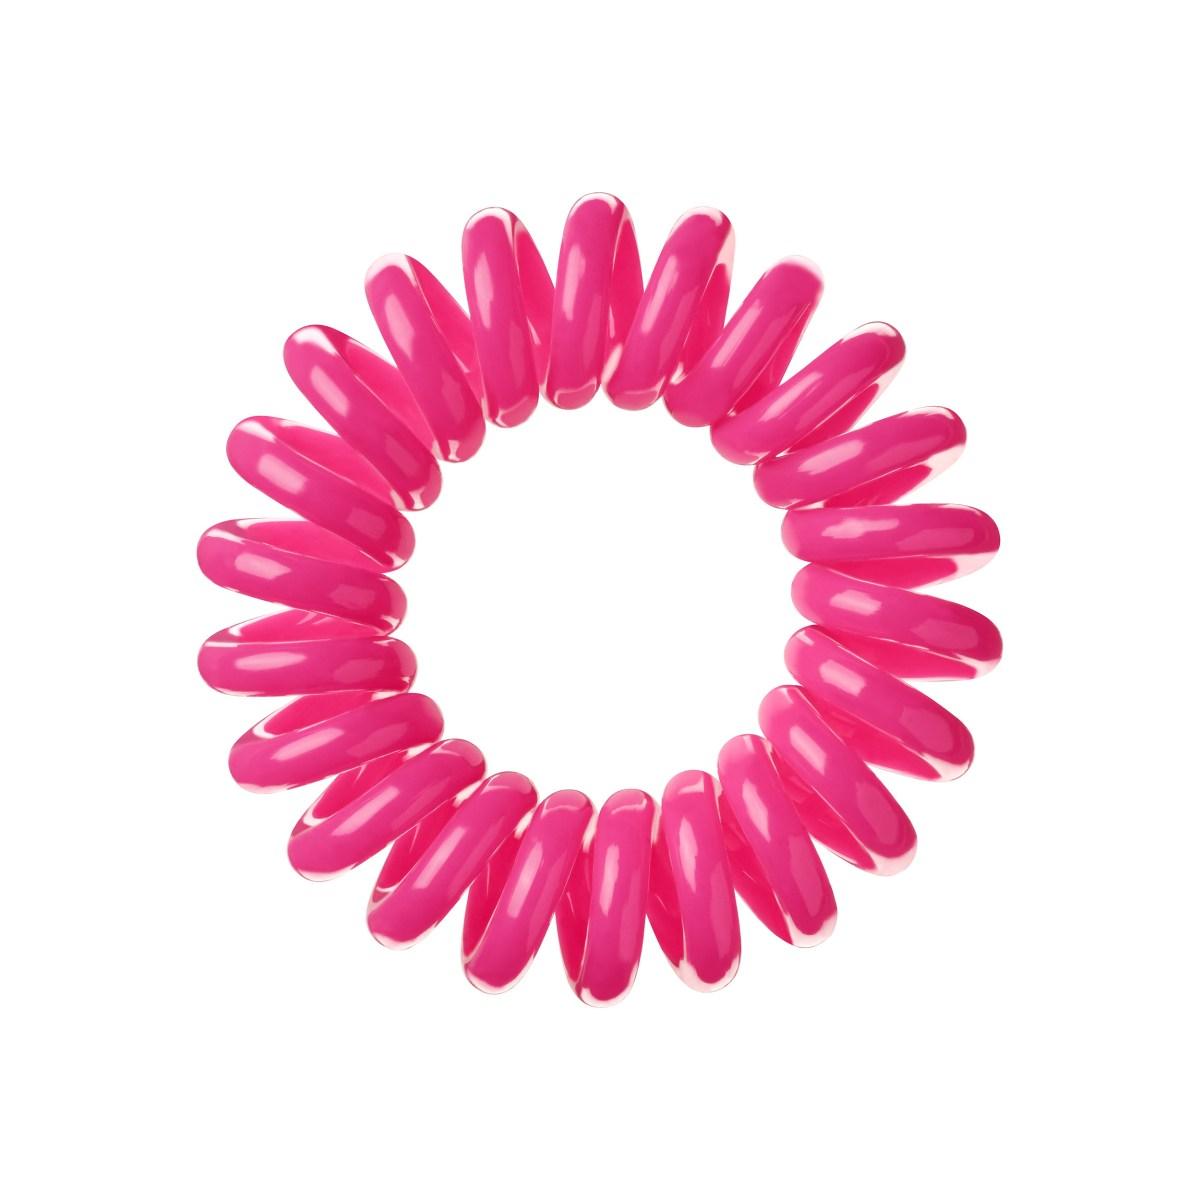 Rewolucyjne gumki do włosów 3 sztuki